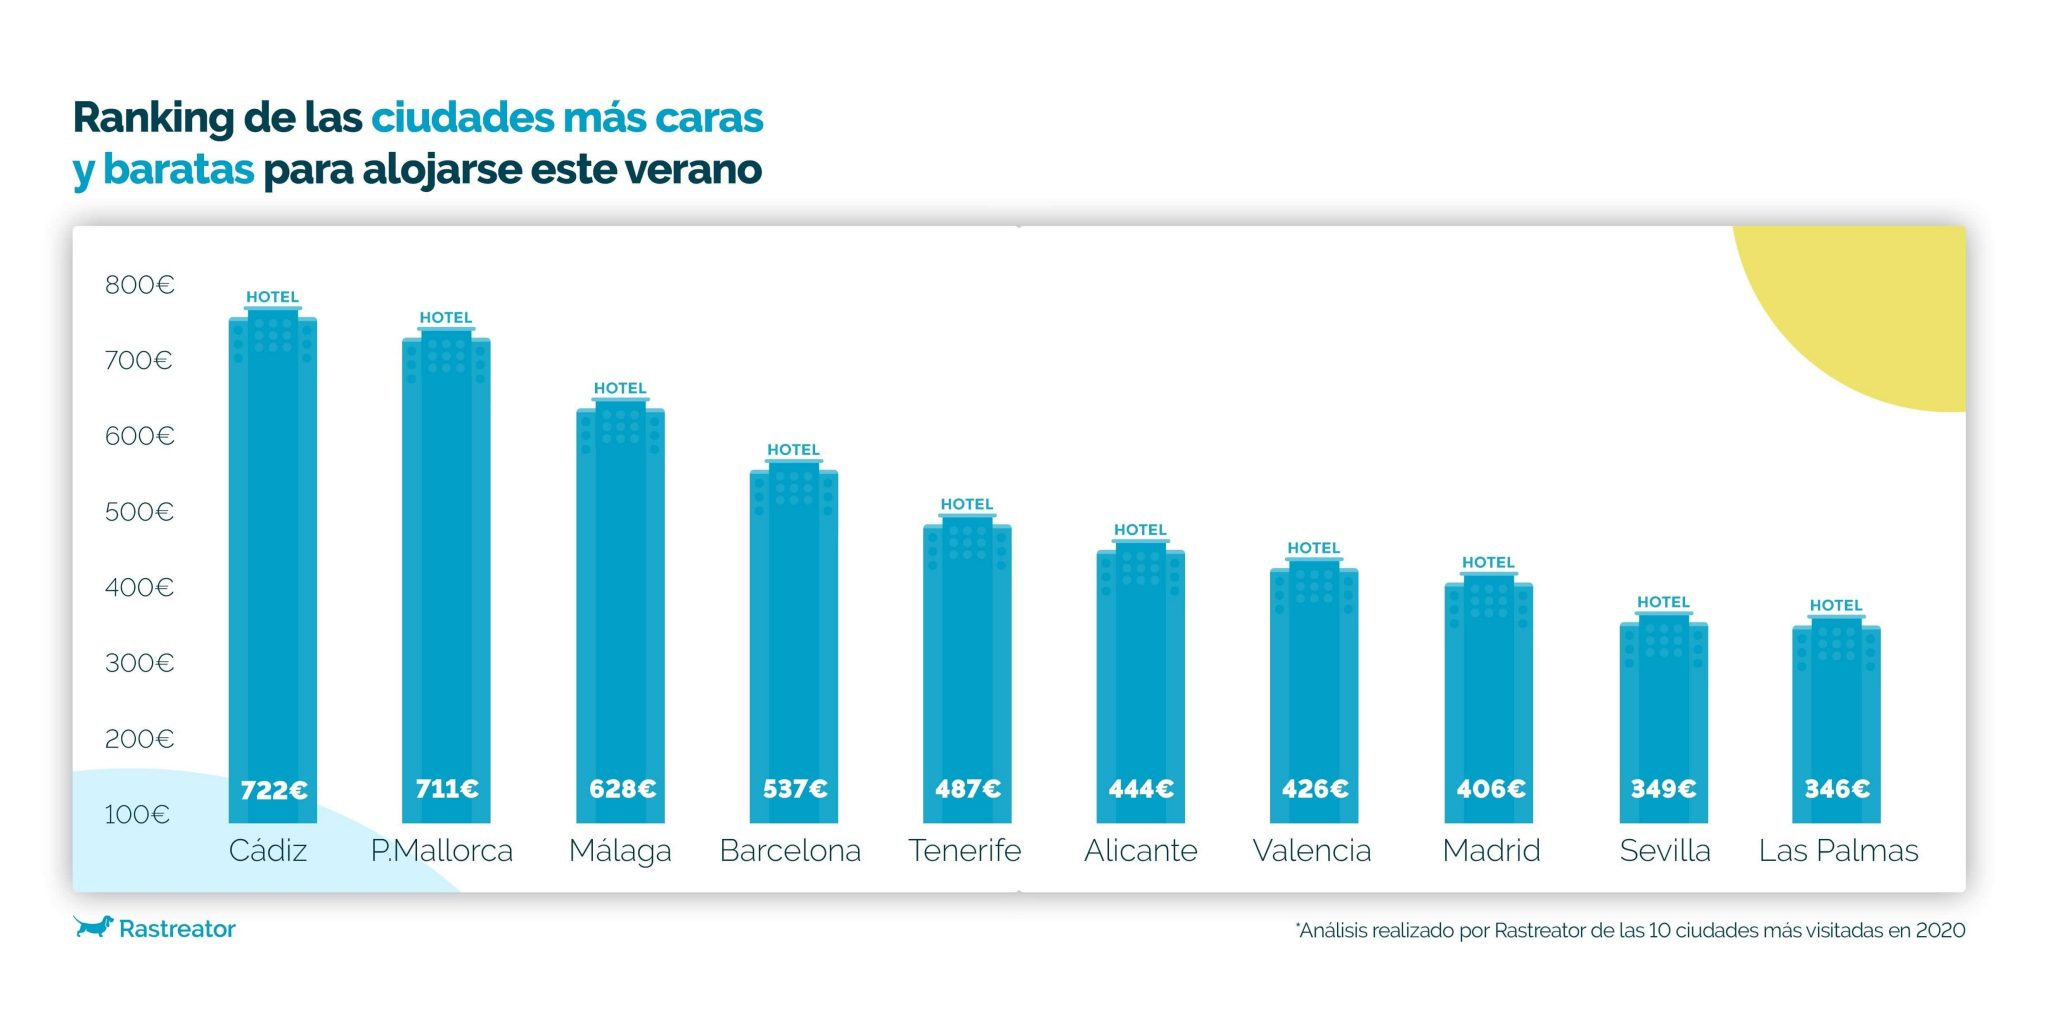 Ranking Hoteles más caros y baratos de España